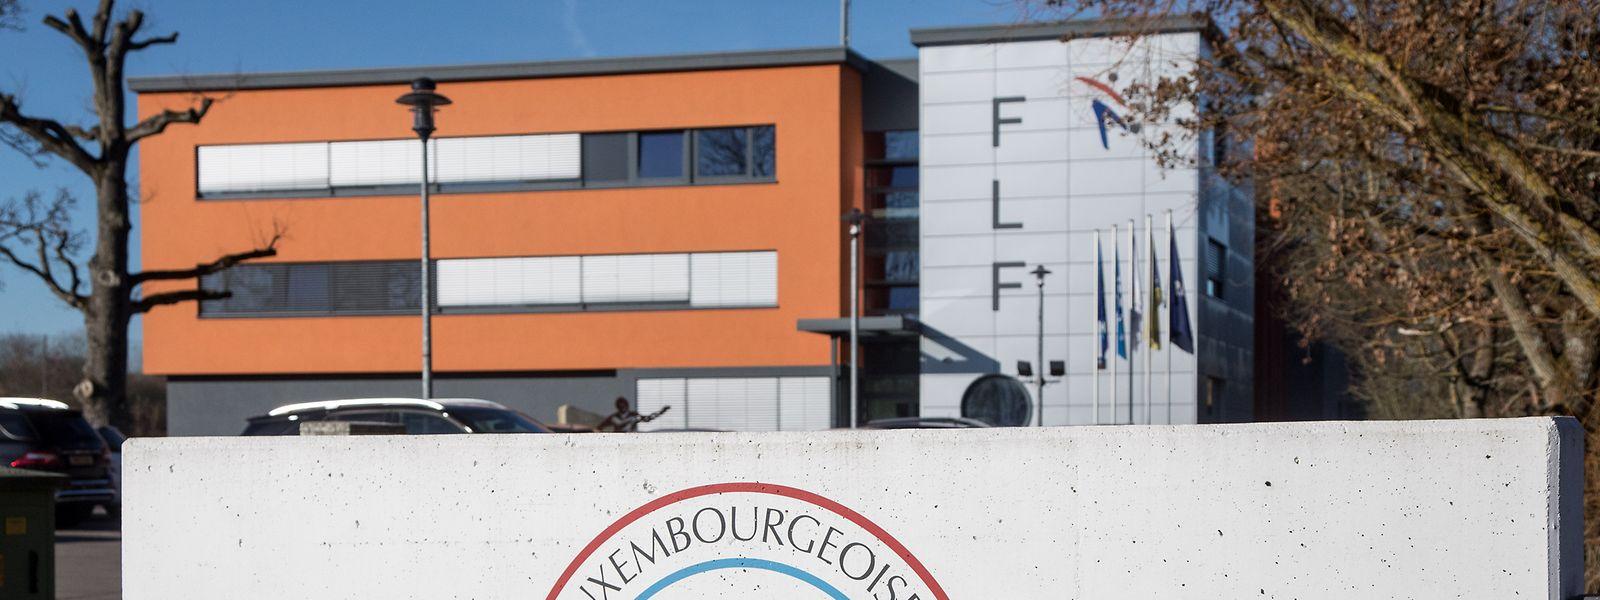 Elf Kandidaten wollen in Zukunft in den Räumlichkeiten des Fußballverbands in Monnerich zu wichtigen Entscheidungen beitragen.